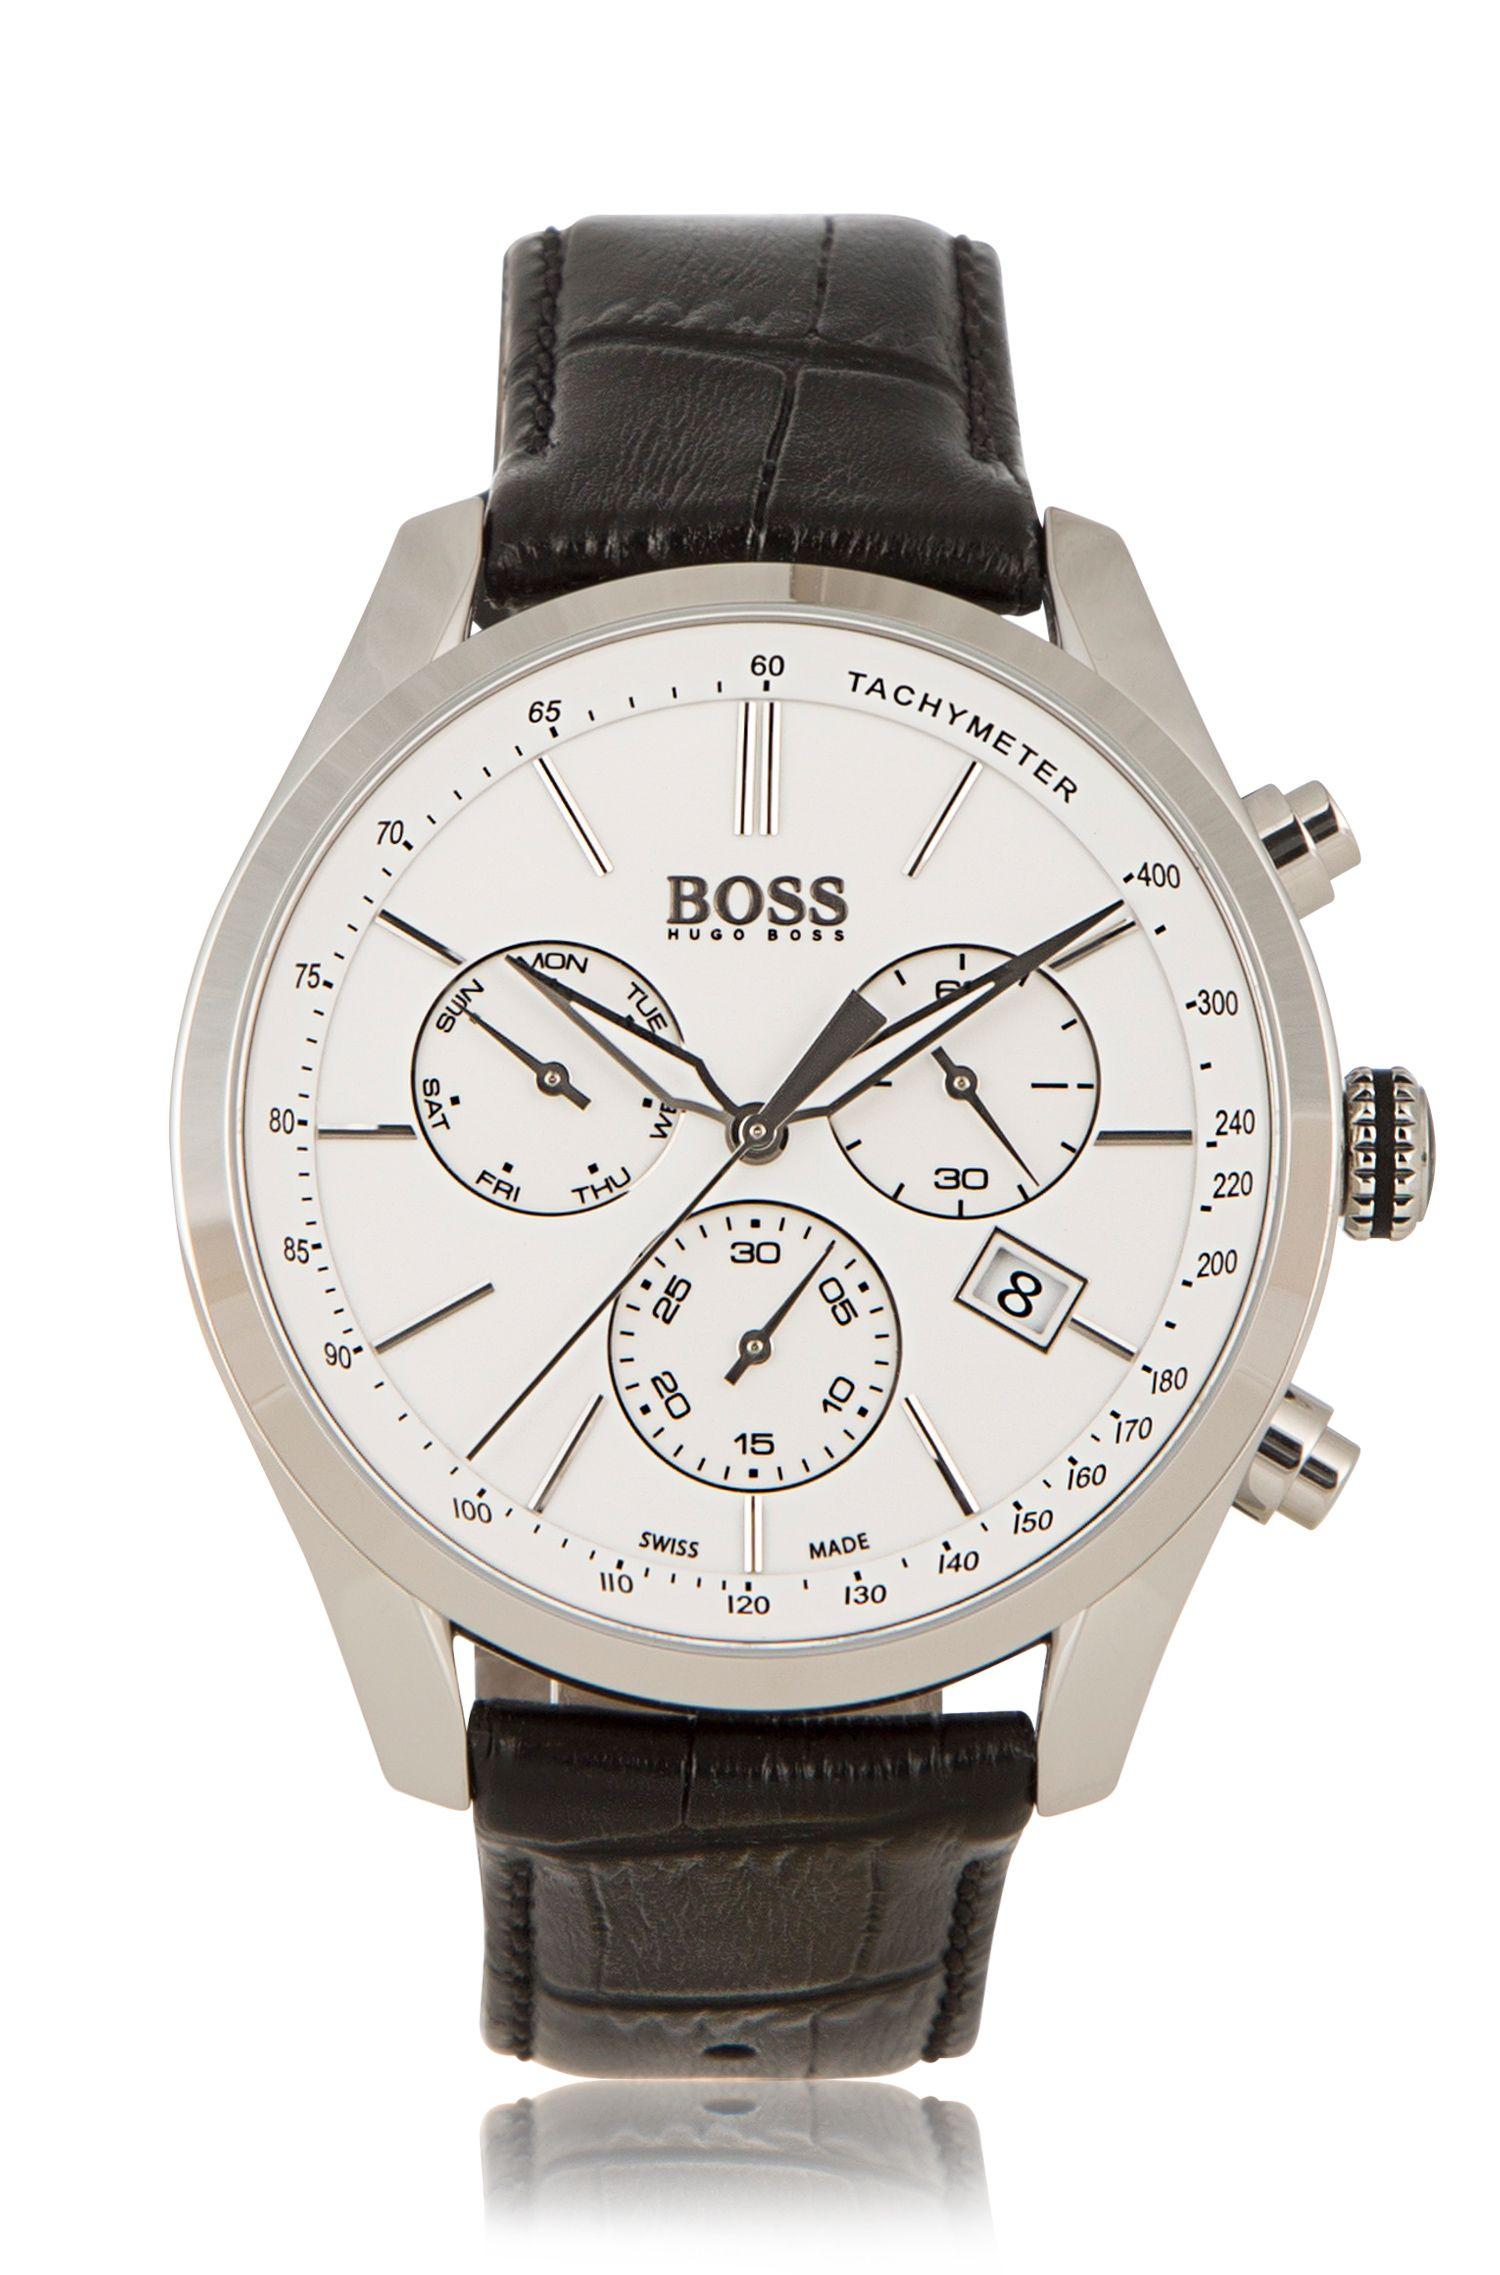 Chronograaf met kwartsuurwerk en leren band: 'BOSS Signature Timepiece Chrono'